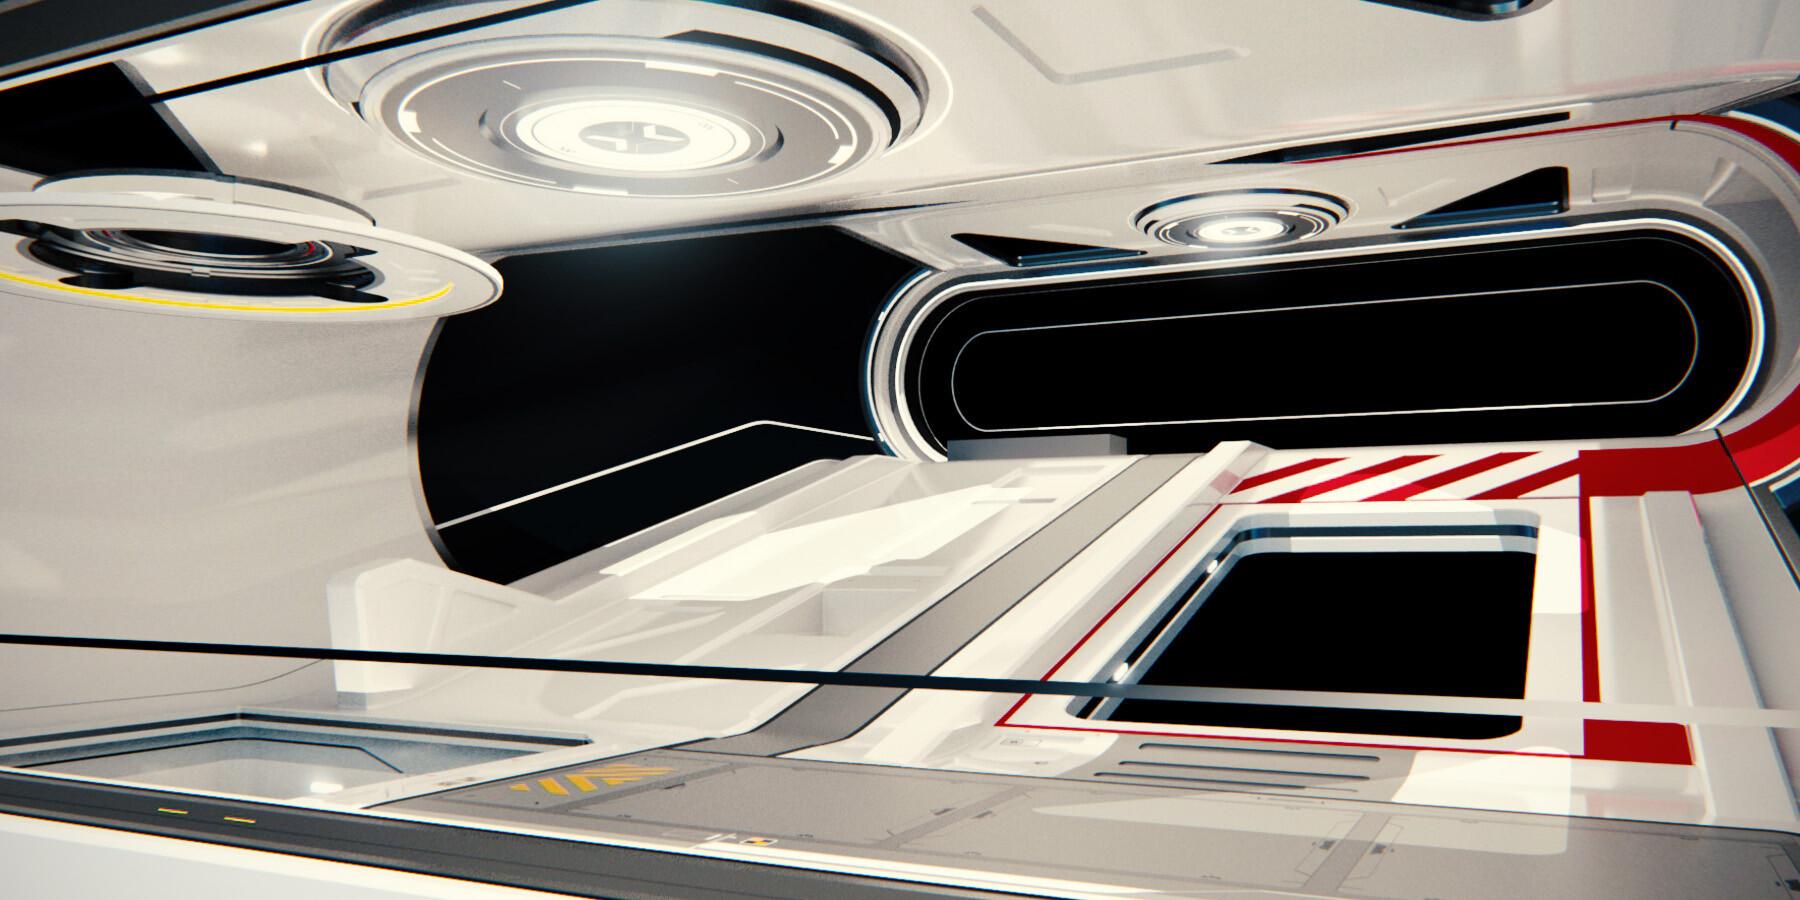 chris-glenn-spacestation-09.jpg